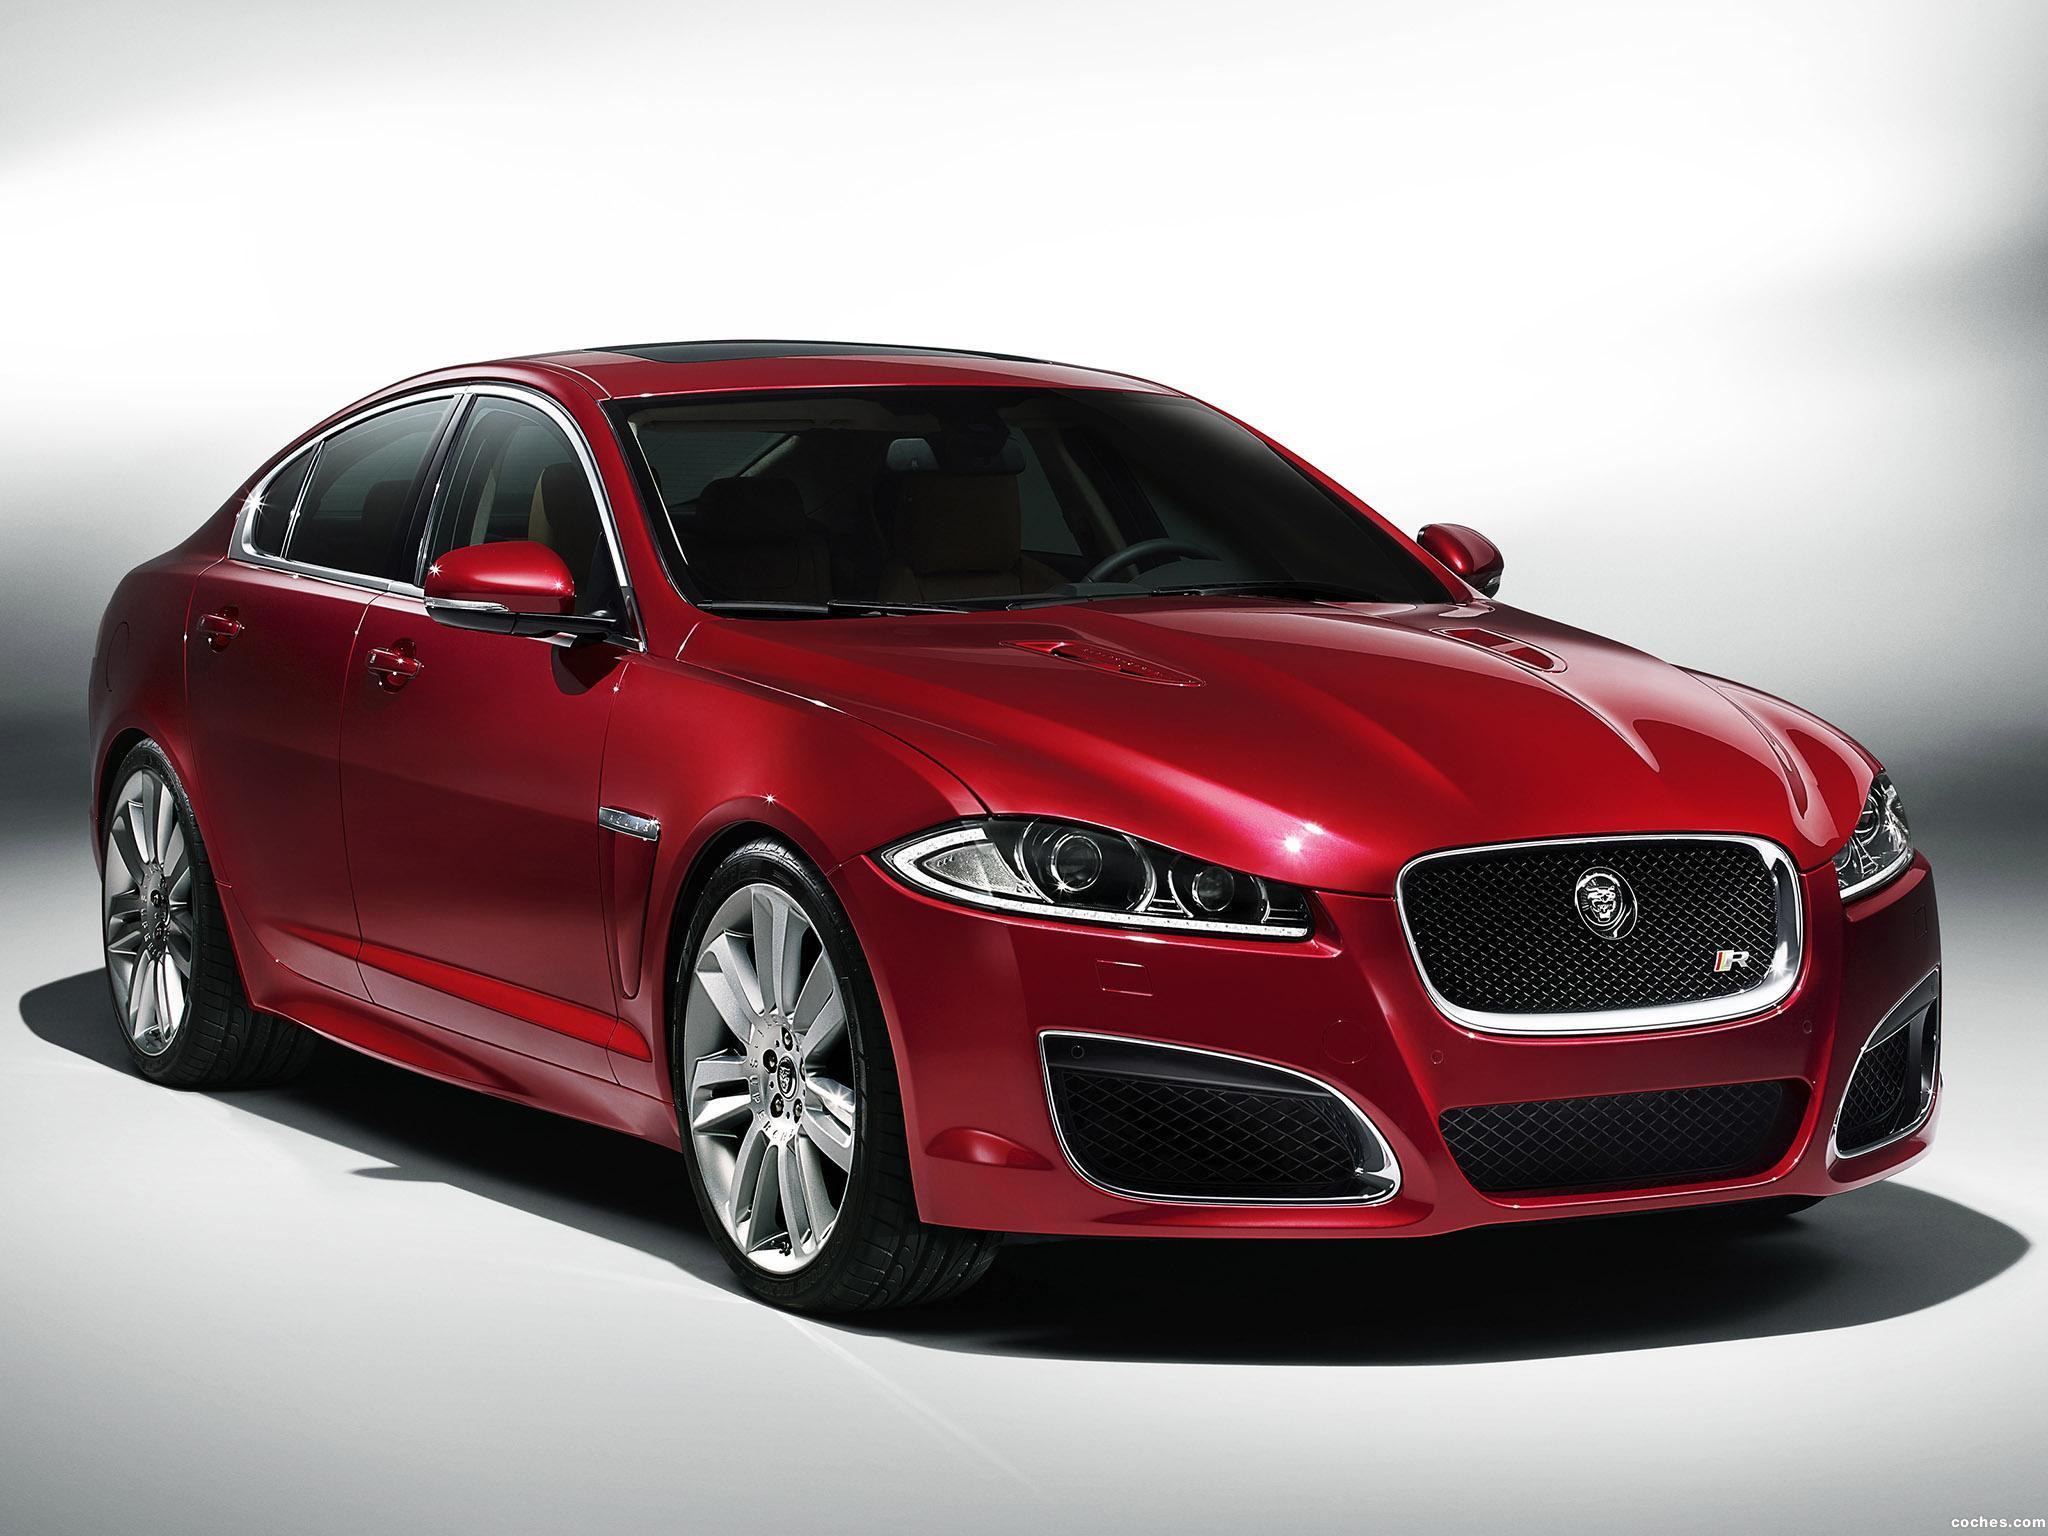 Foto 0 de Jaguar XFR 2011